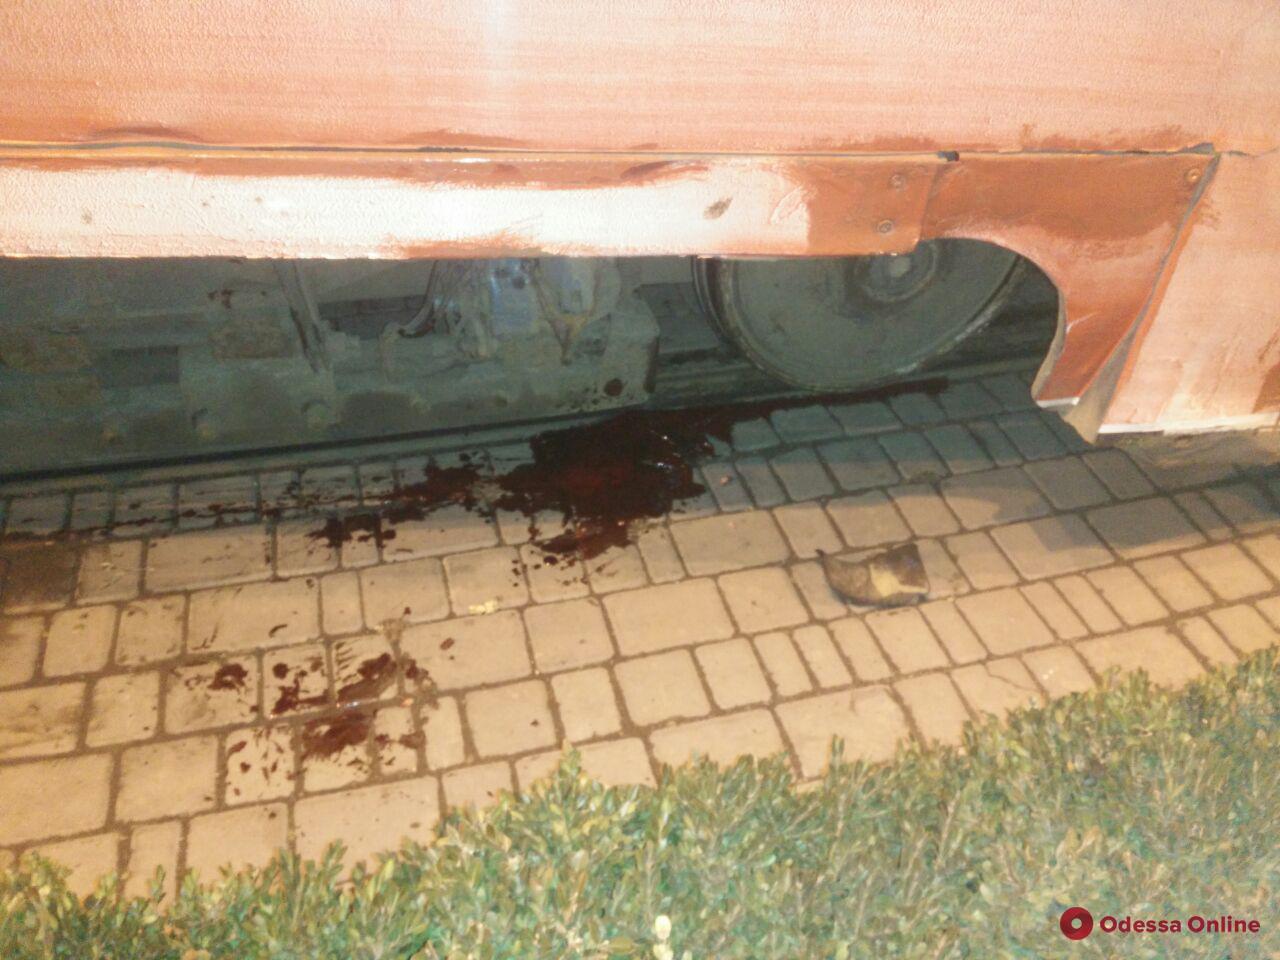 Очередная жертва: на Старосенной площади трамвай волочил за собой пешехода